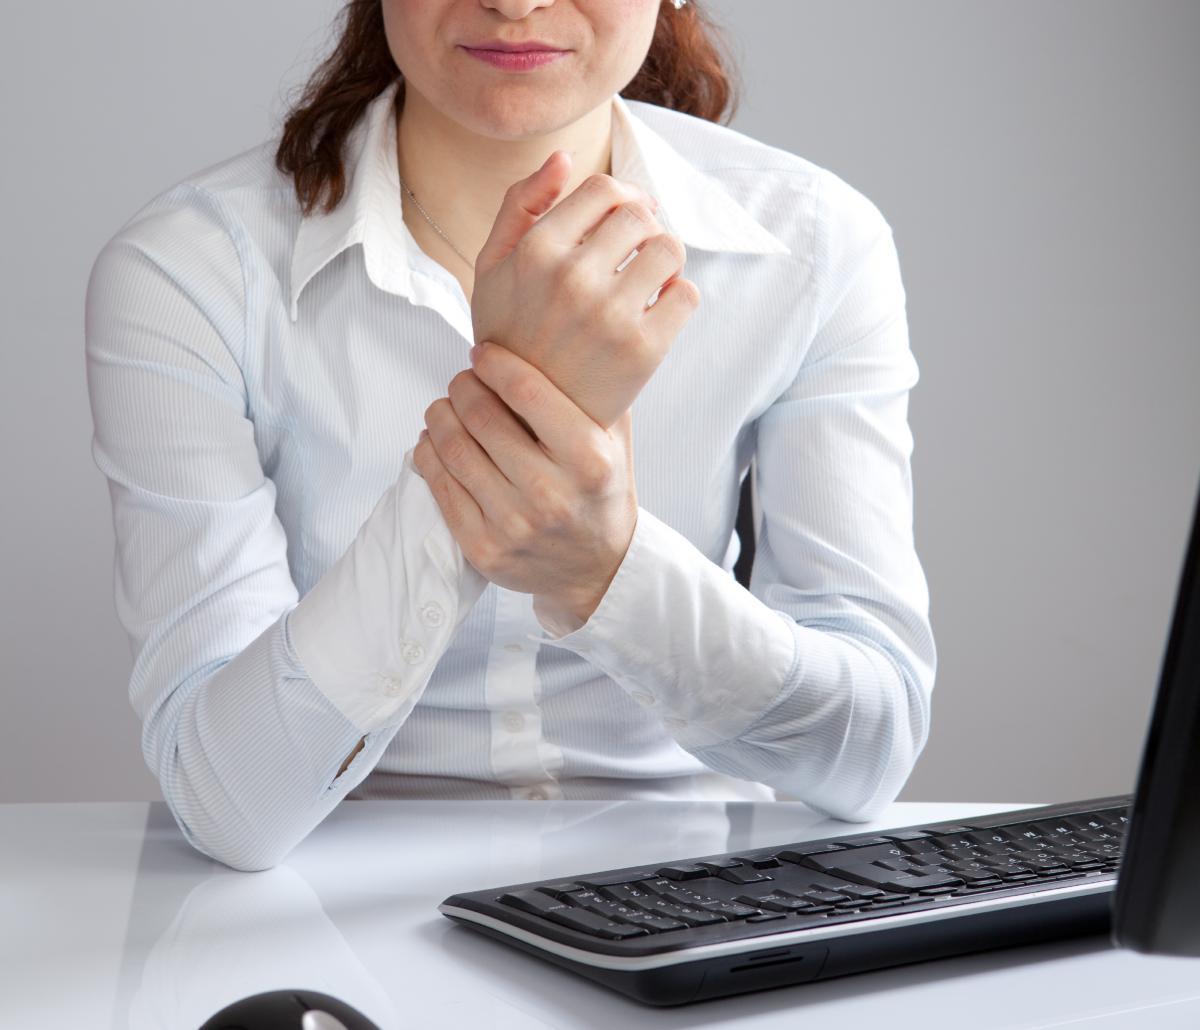 «Μυρμηγκιάζουν» τα χέρια σας; Ποια είναι η πιθανότερη αιτία